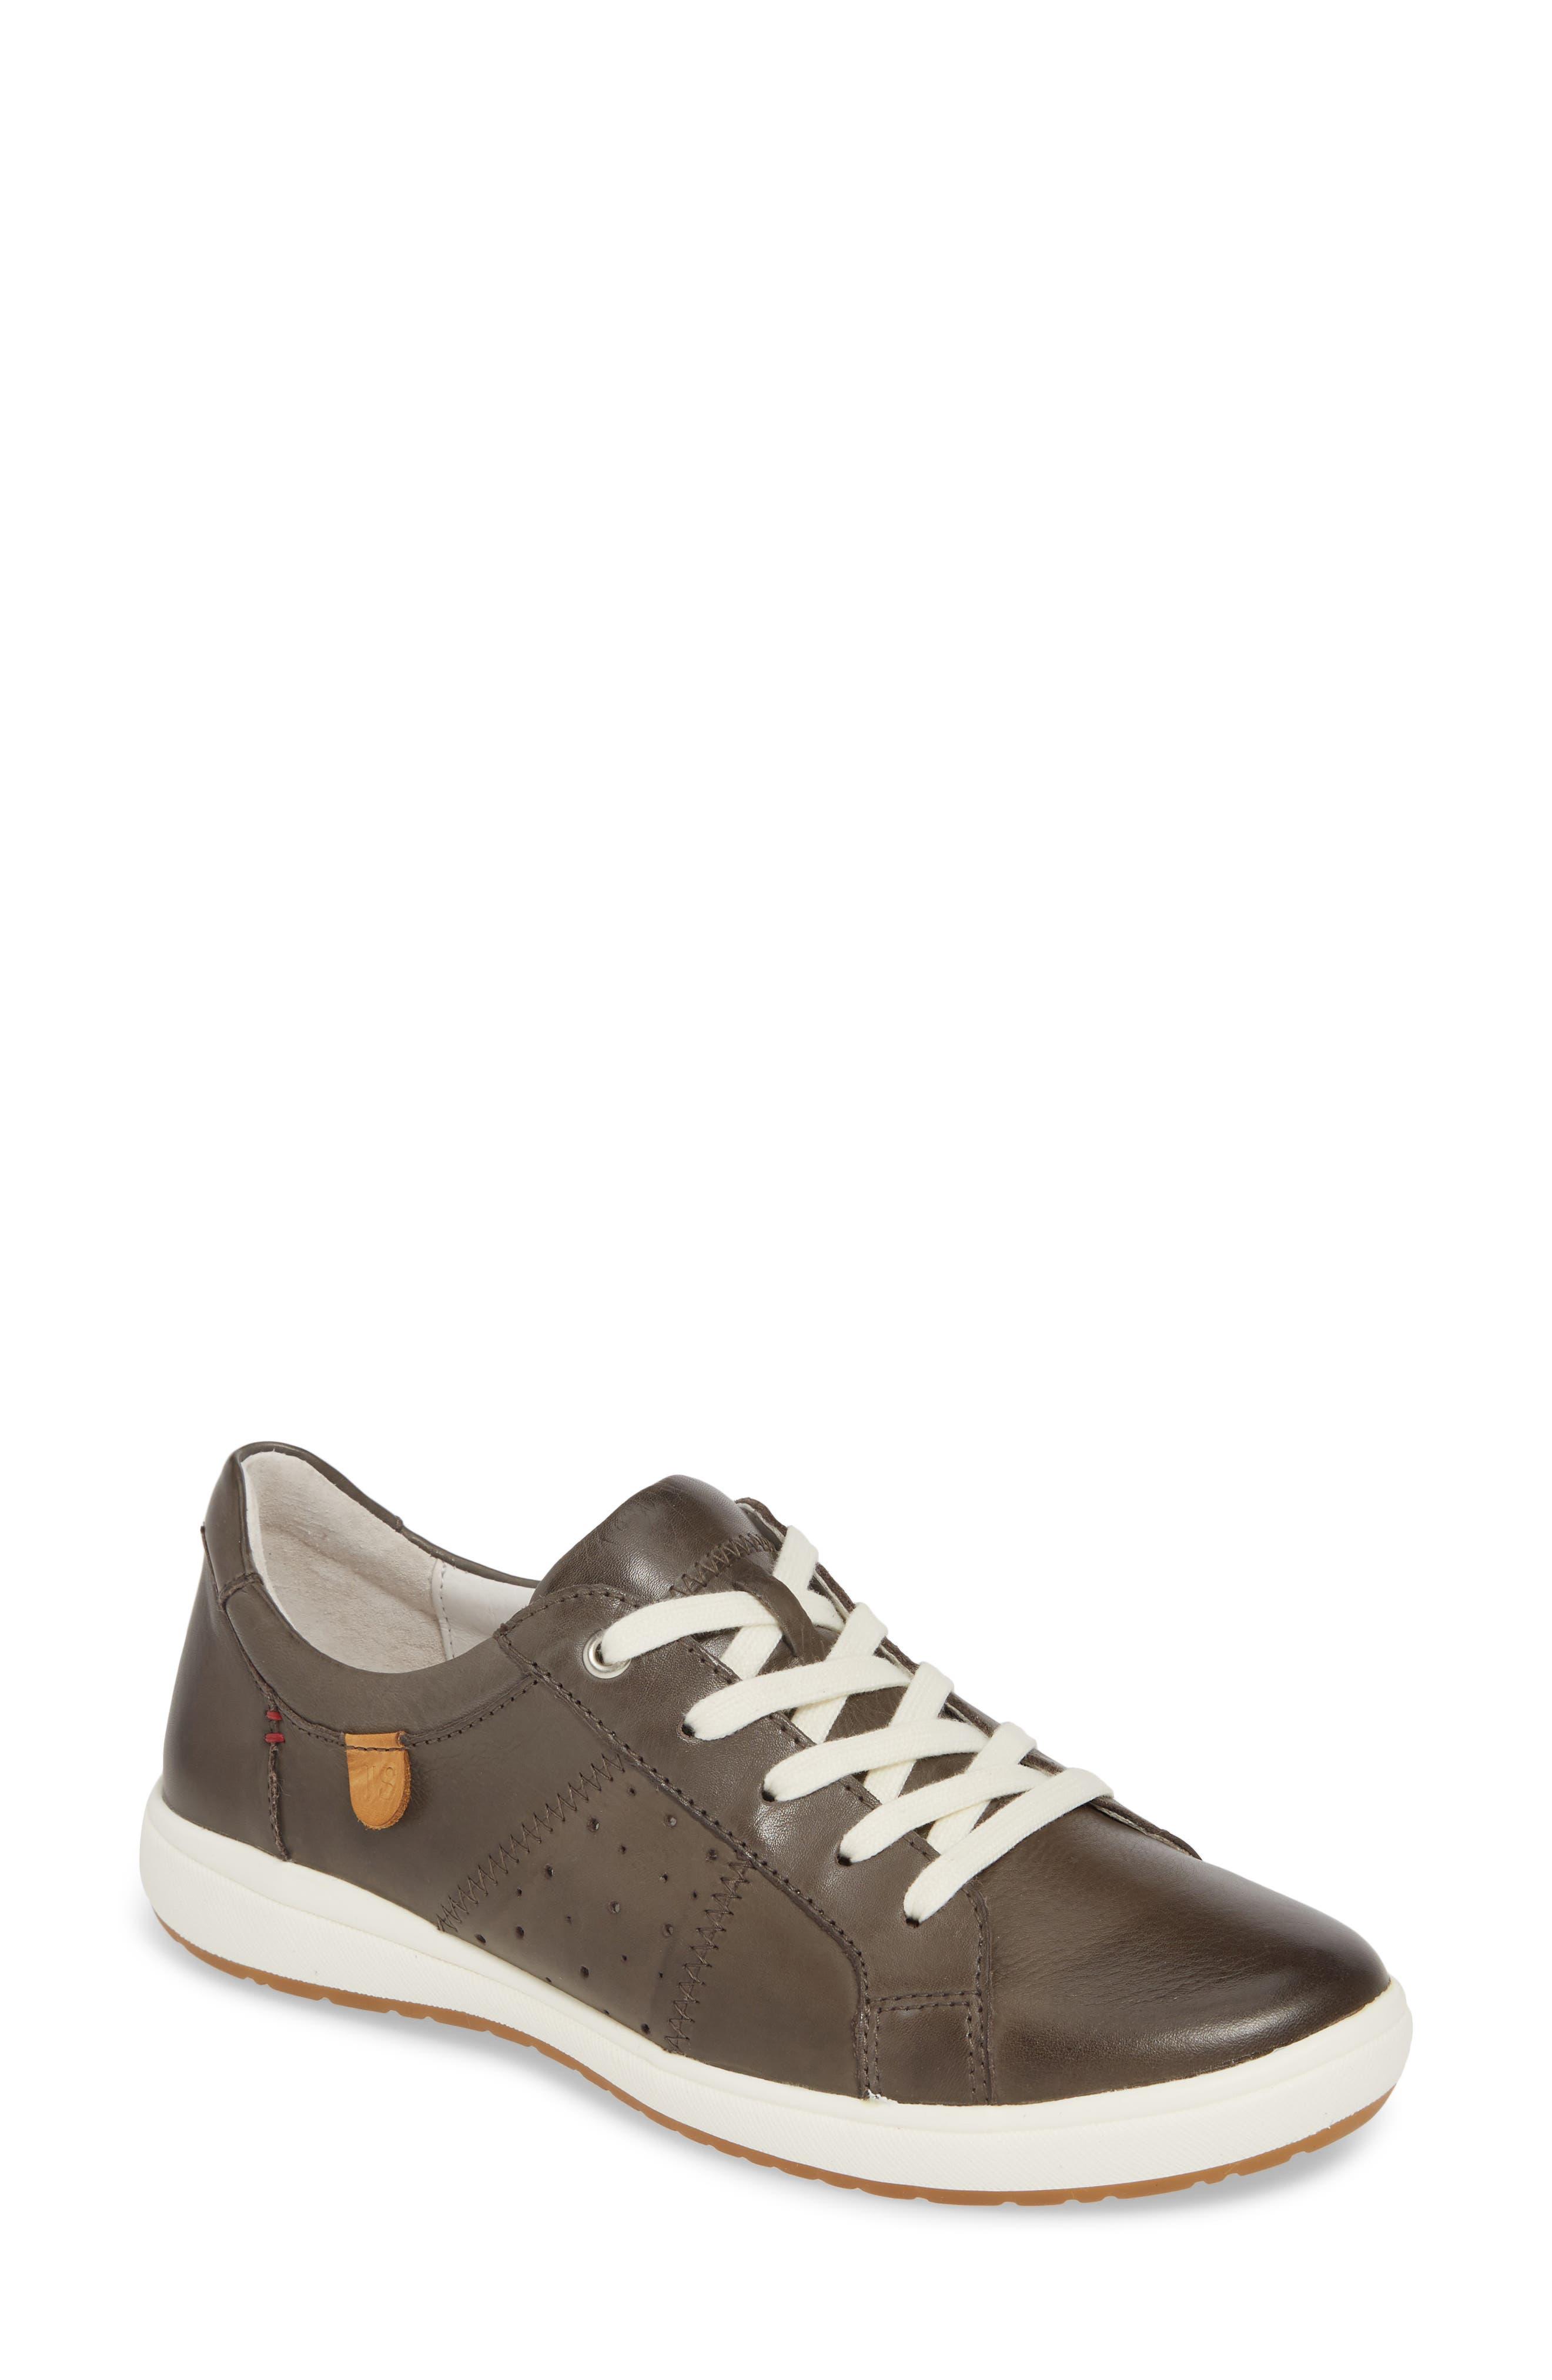 Josef Seibel Caren 01 Sneaker, Grey